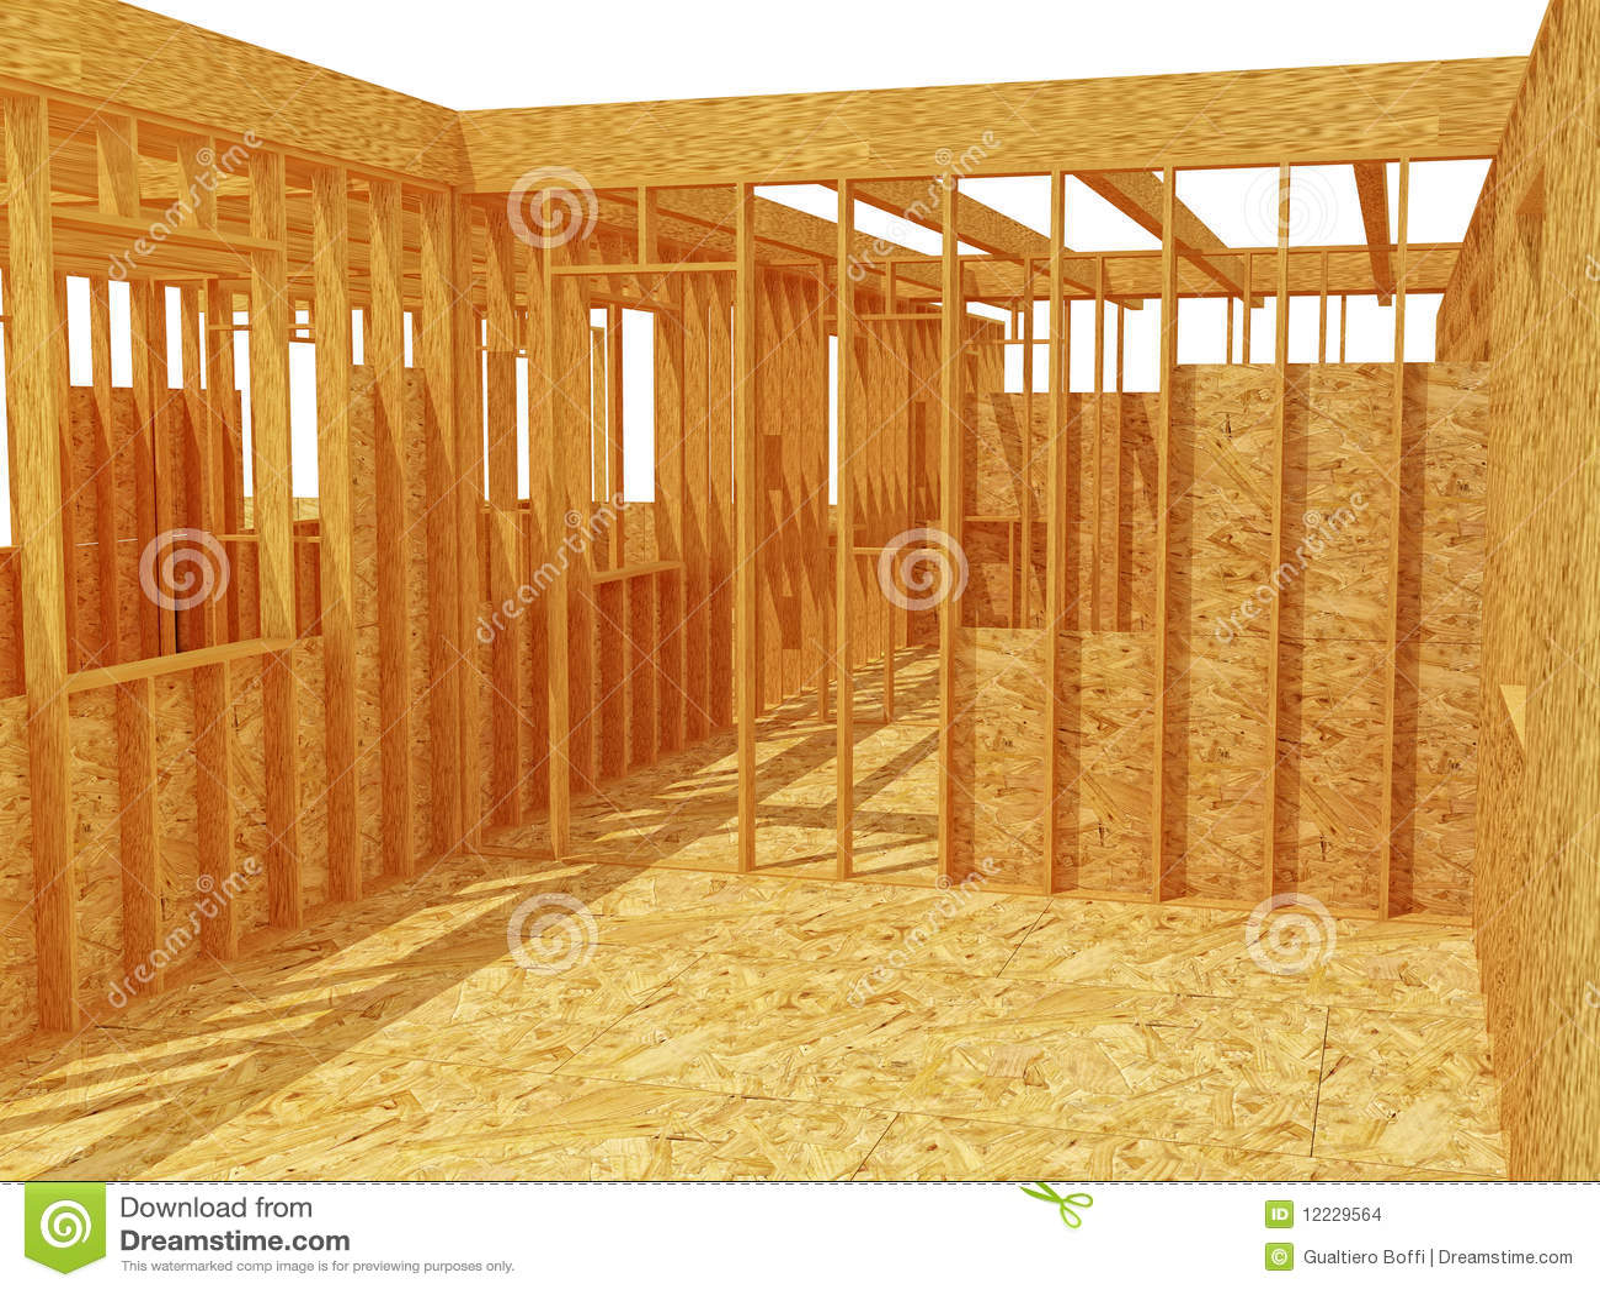 Estructura de la casa de madera 3d imagenes de archivo imagen 12229564 - Estructura casa madera ...